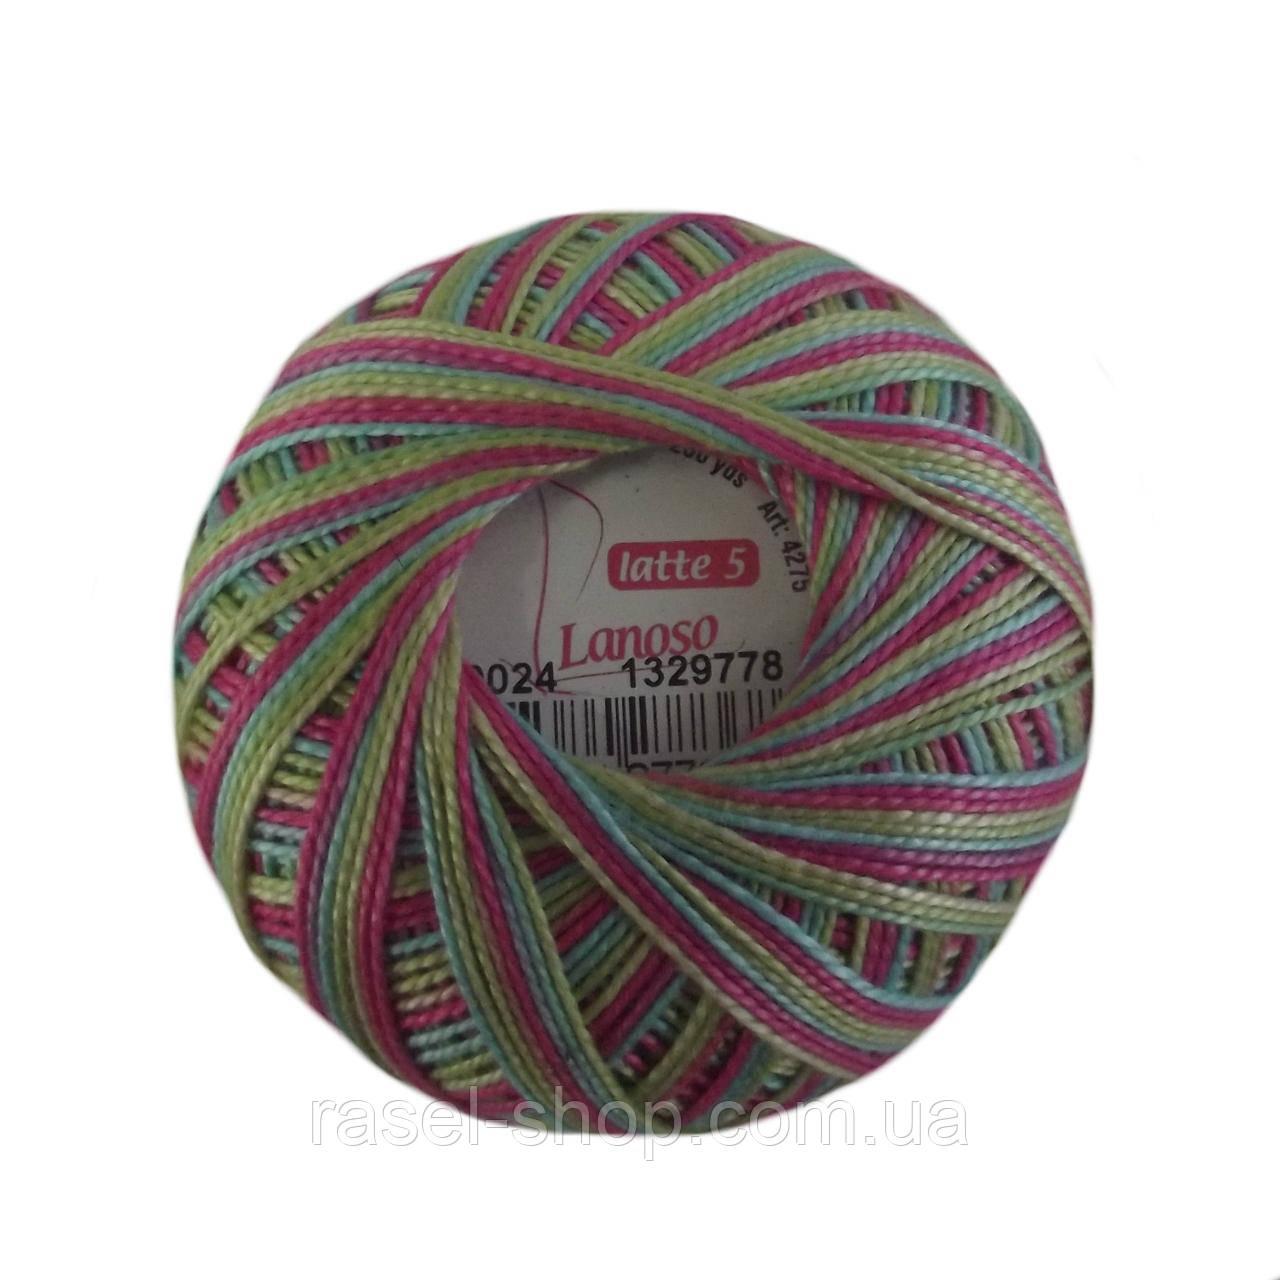 Пряжа Perle 7509 для ручного вязания